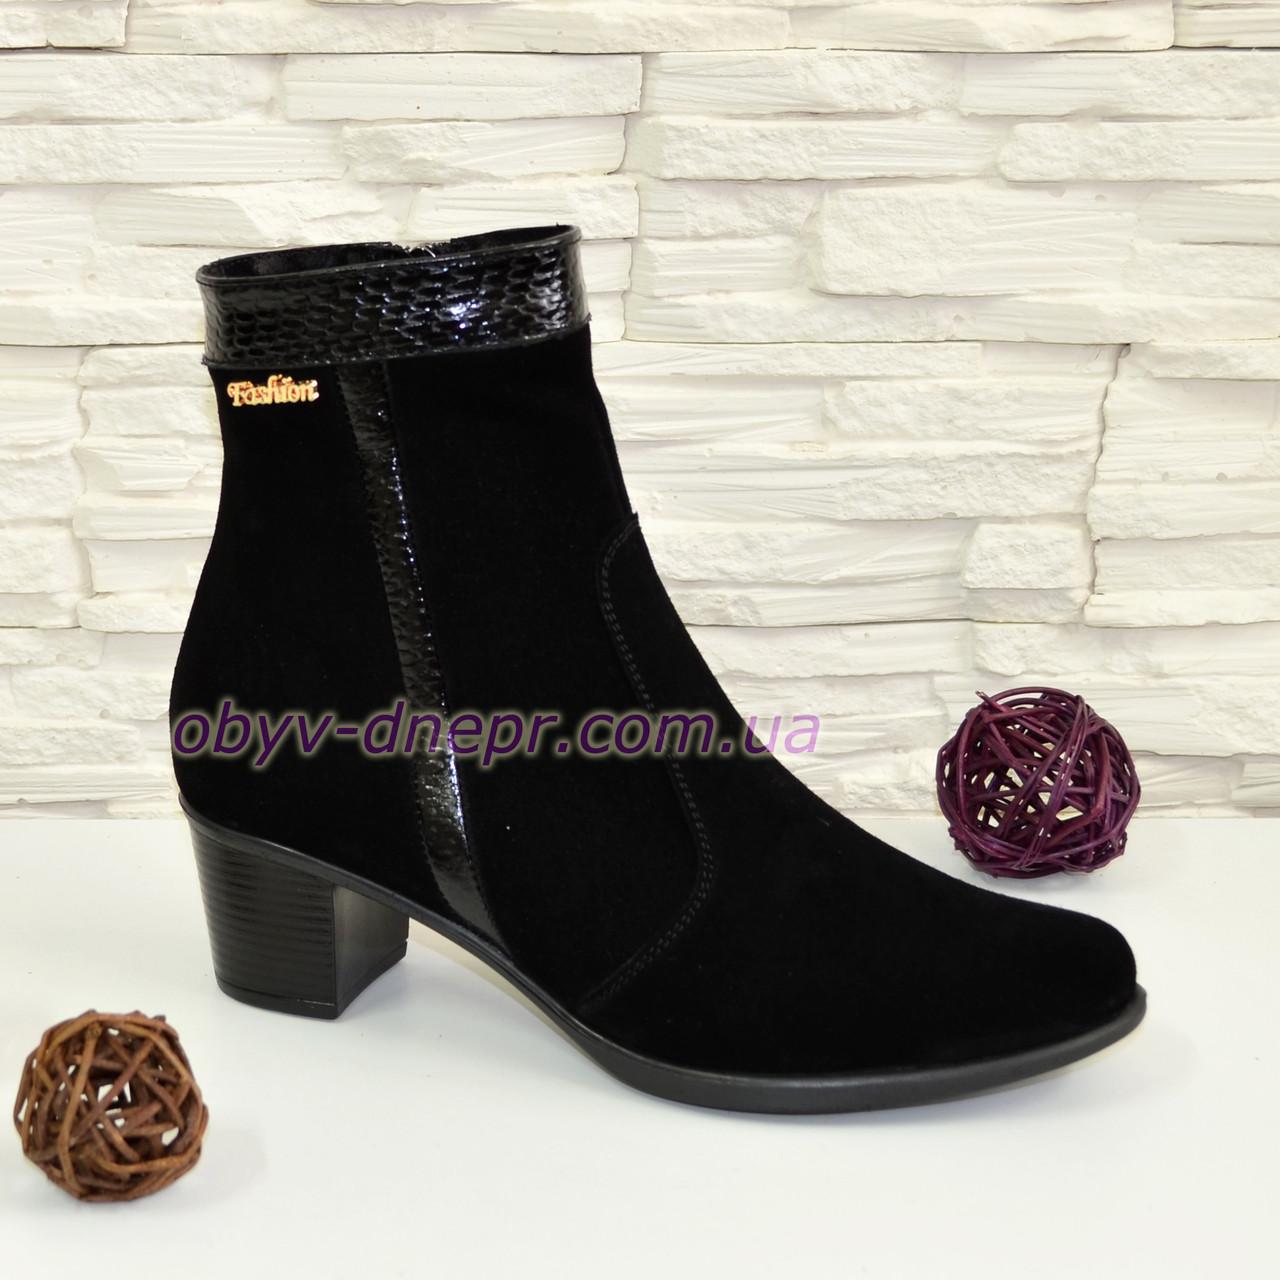 63f79cbc6 Ботинки женские демисезонные черные на невысоком каблуке, натуральная замша  и кожа с тиснением